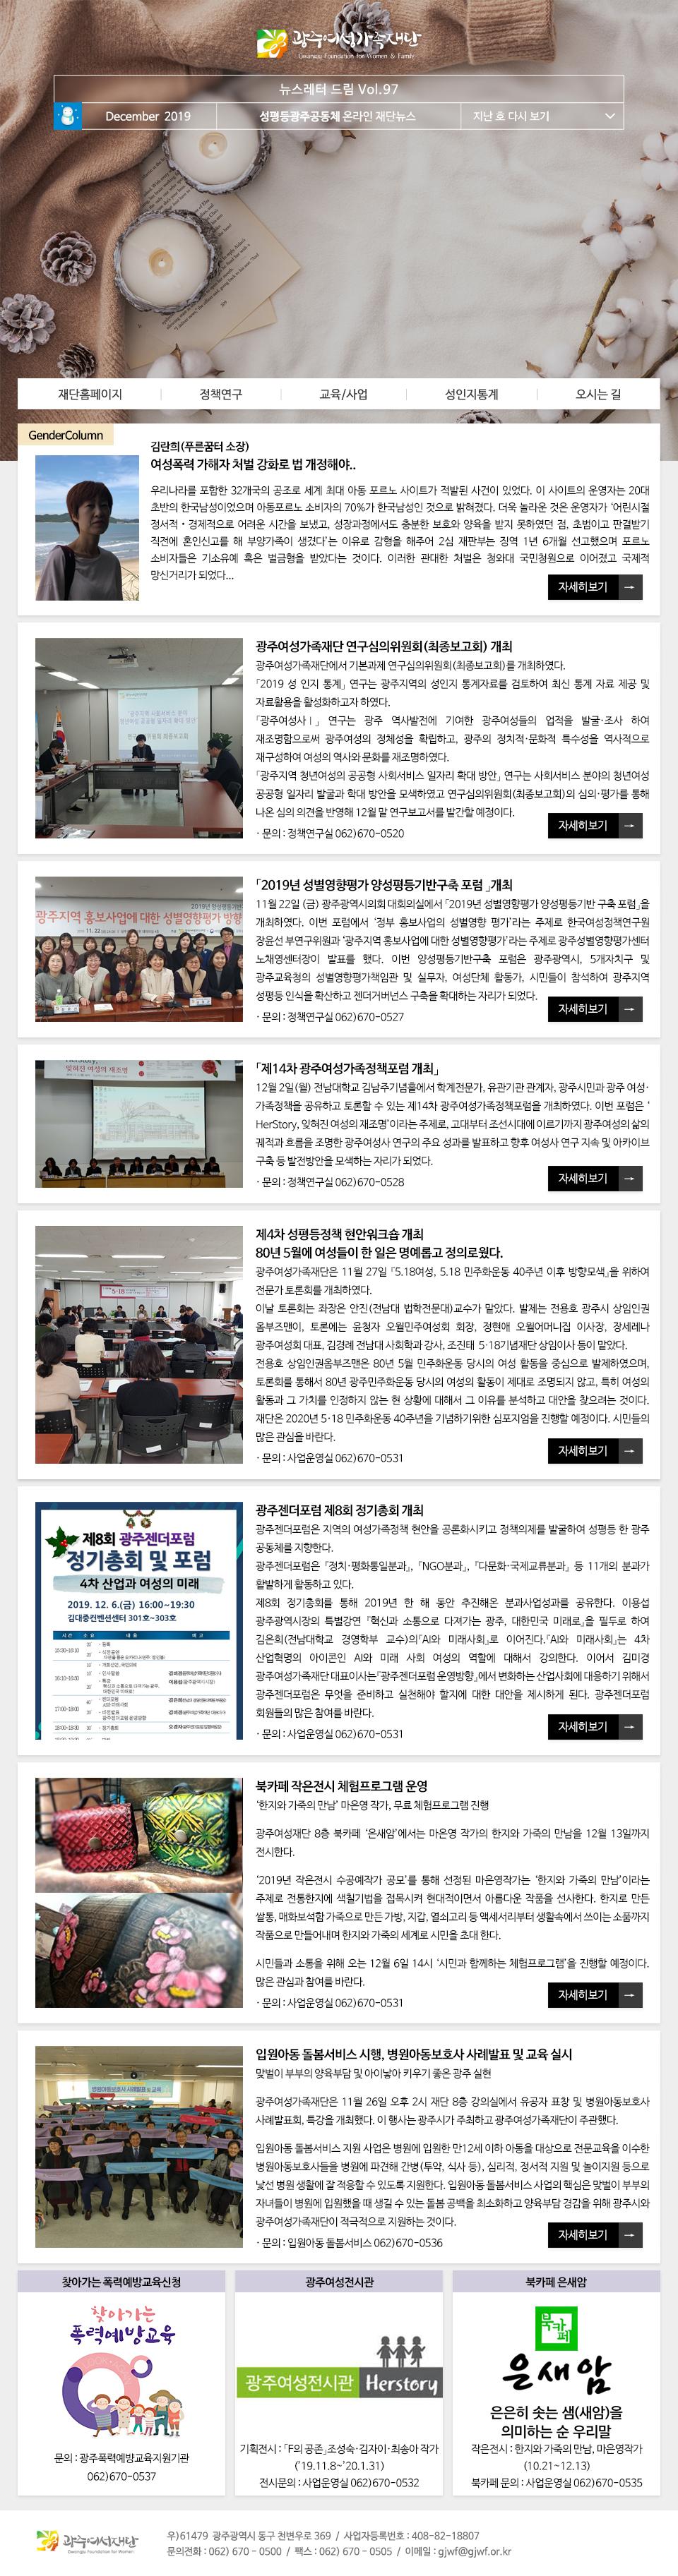 뉴스레터 드림 97호(19.12월) 썸네일